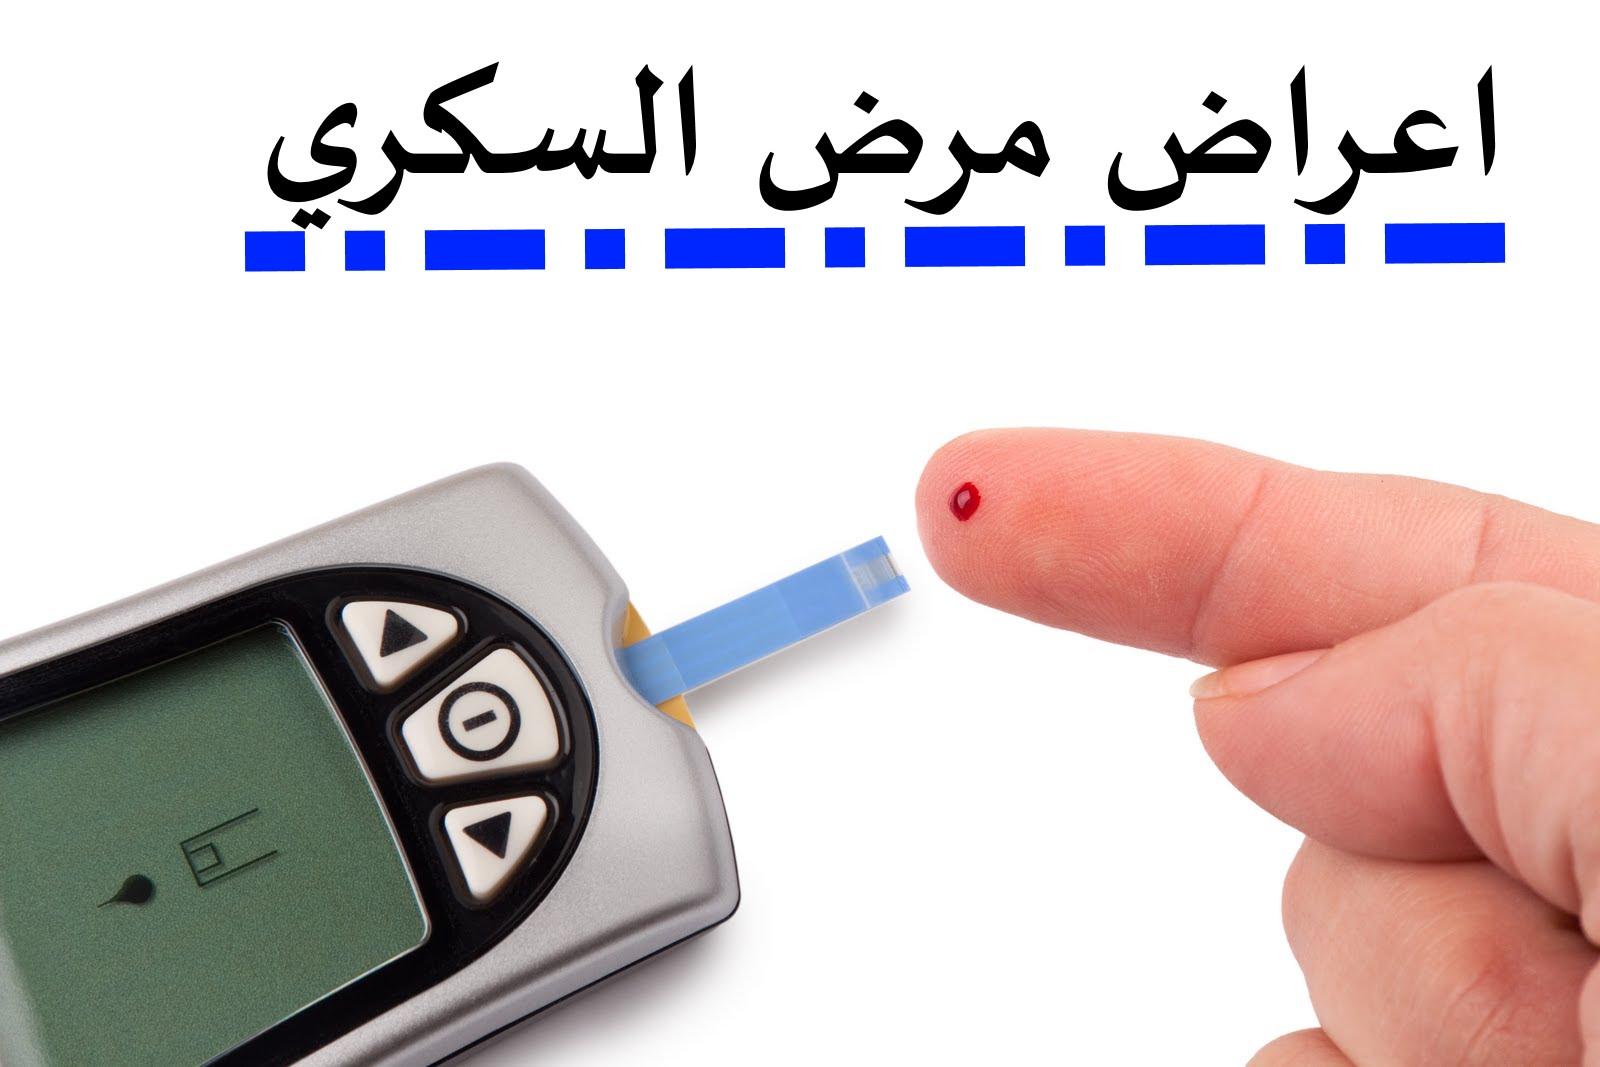 صورة اعراض مرض السكر , اعراض الاصابه بمرض السكر